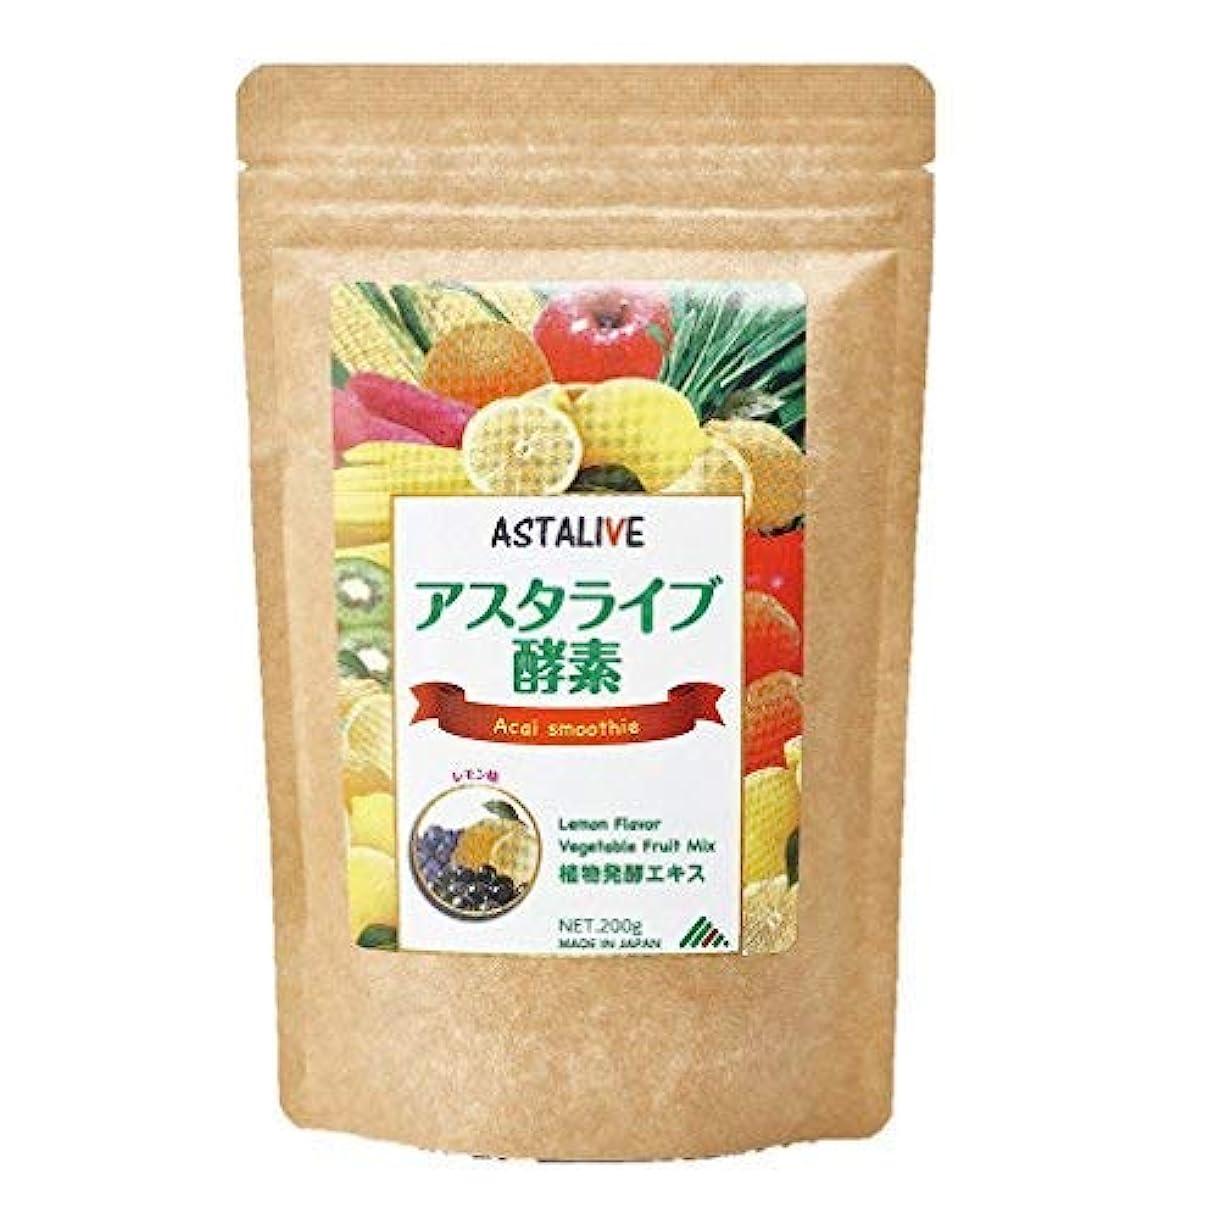 過剰葉抜け目のないASTALIVE (アスタライブ) 酵素 スムージー チアシード 乳酸菌 麹菌 入り レモン味 200g (1)